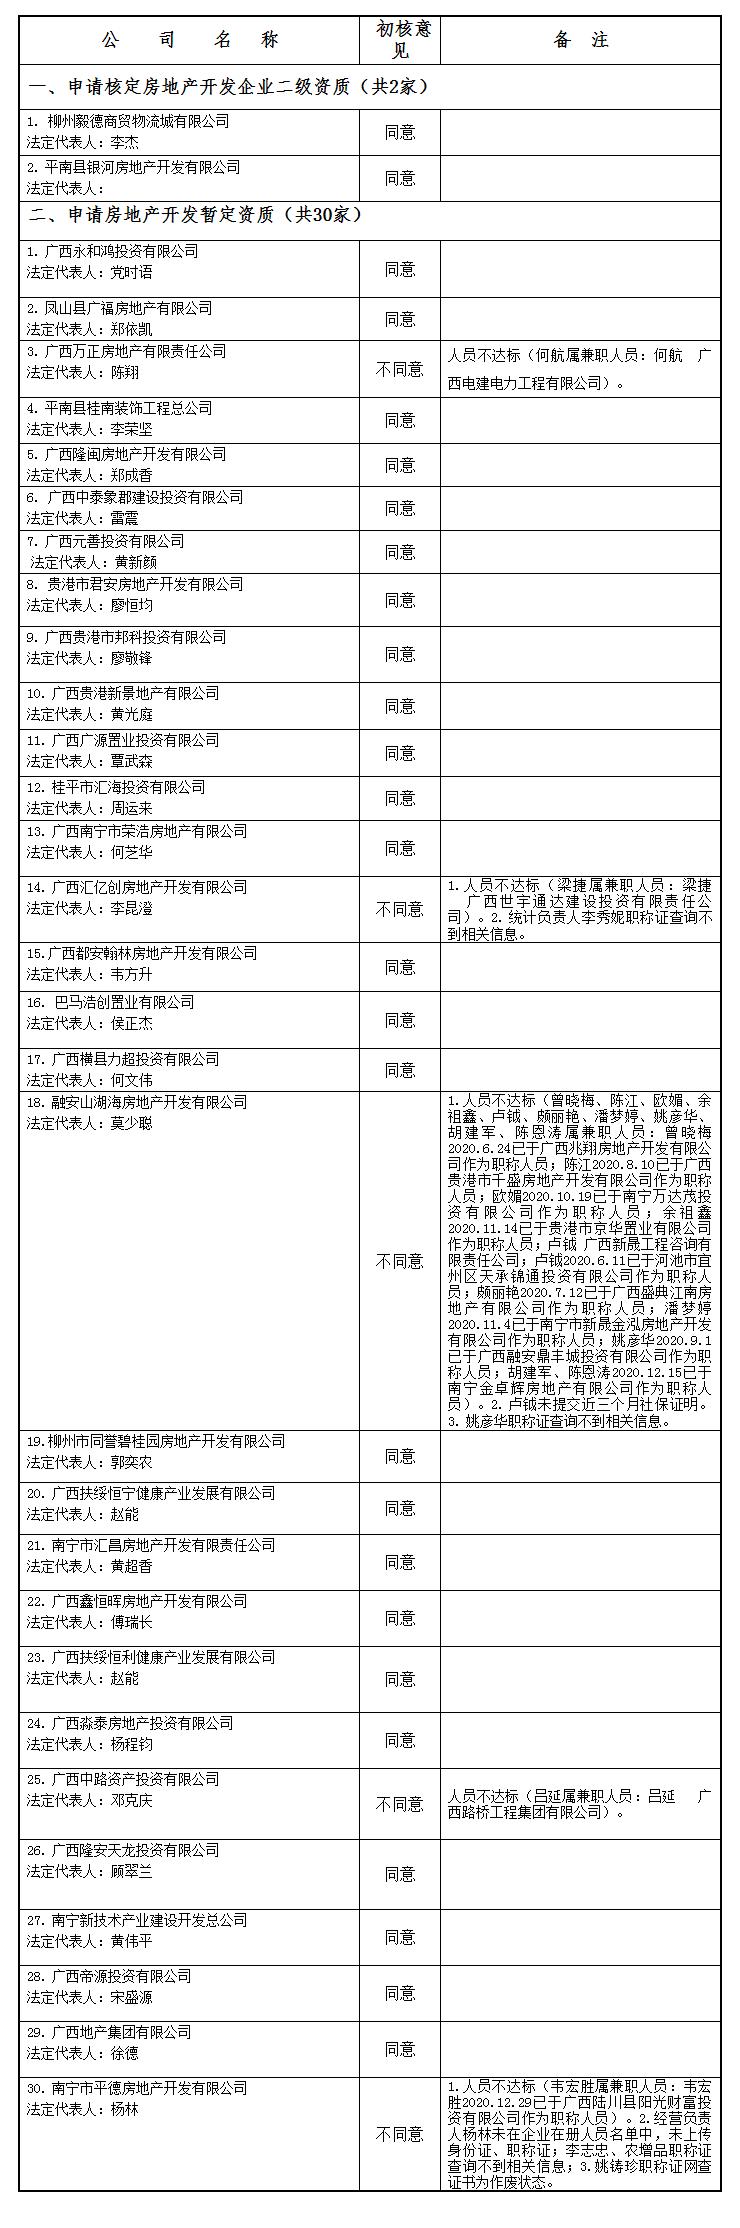 广西住房和城乡建设厅网站--_关于公布2021年第01批房地产企业资质(资格)结果的公告(第1856.png